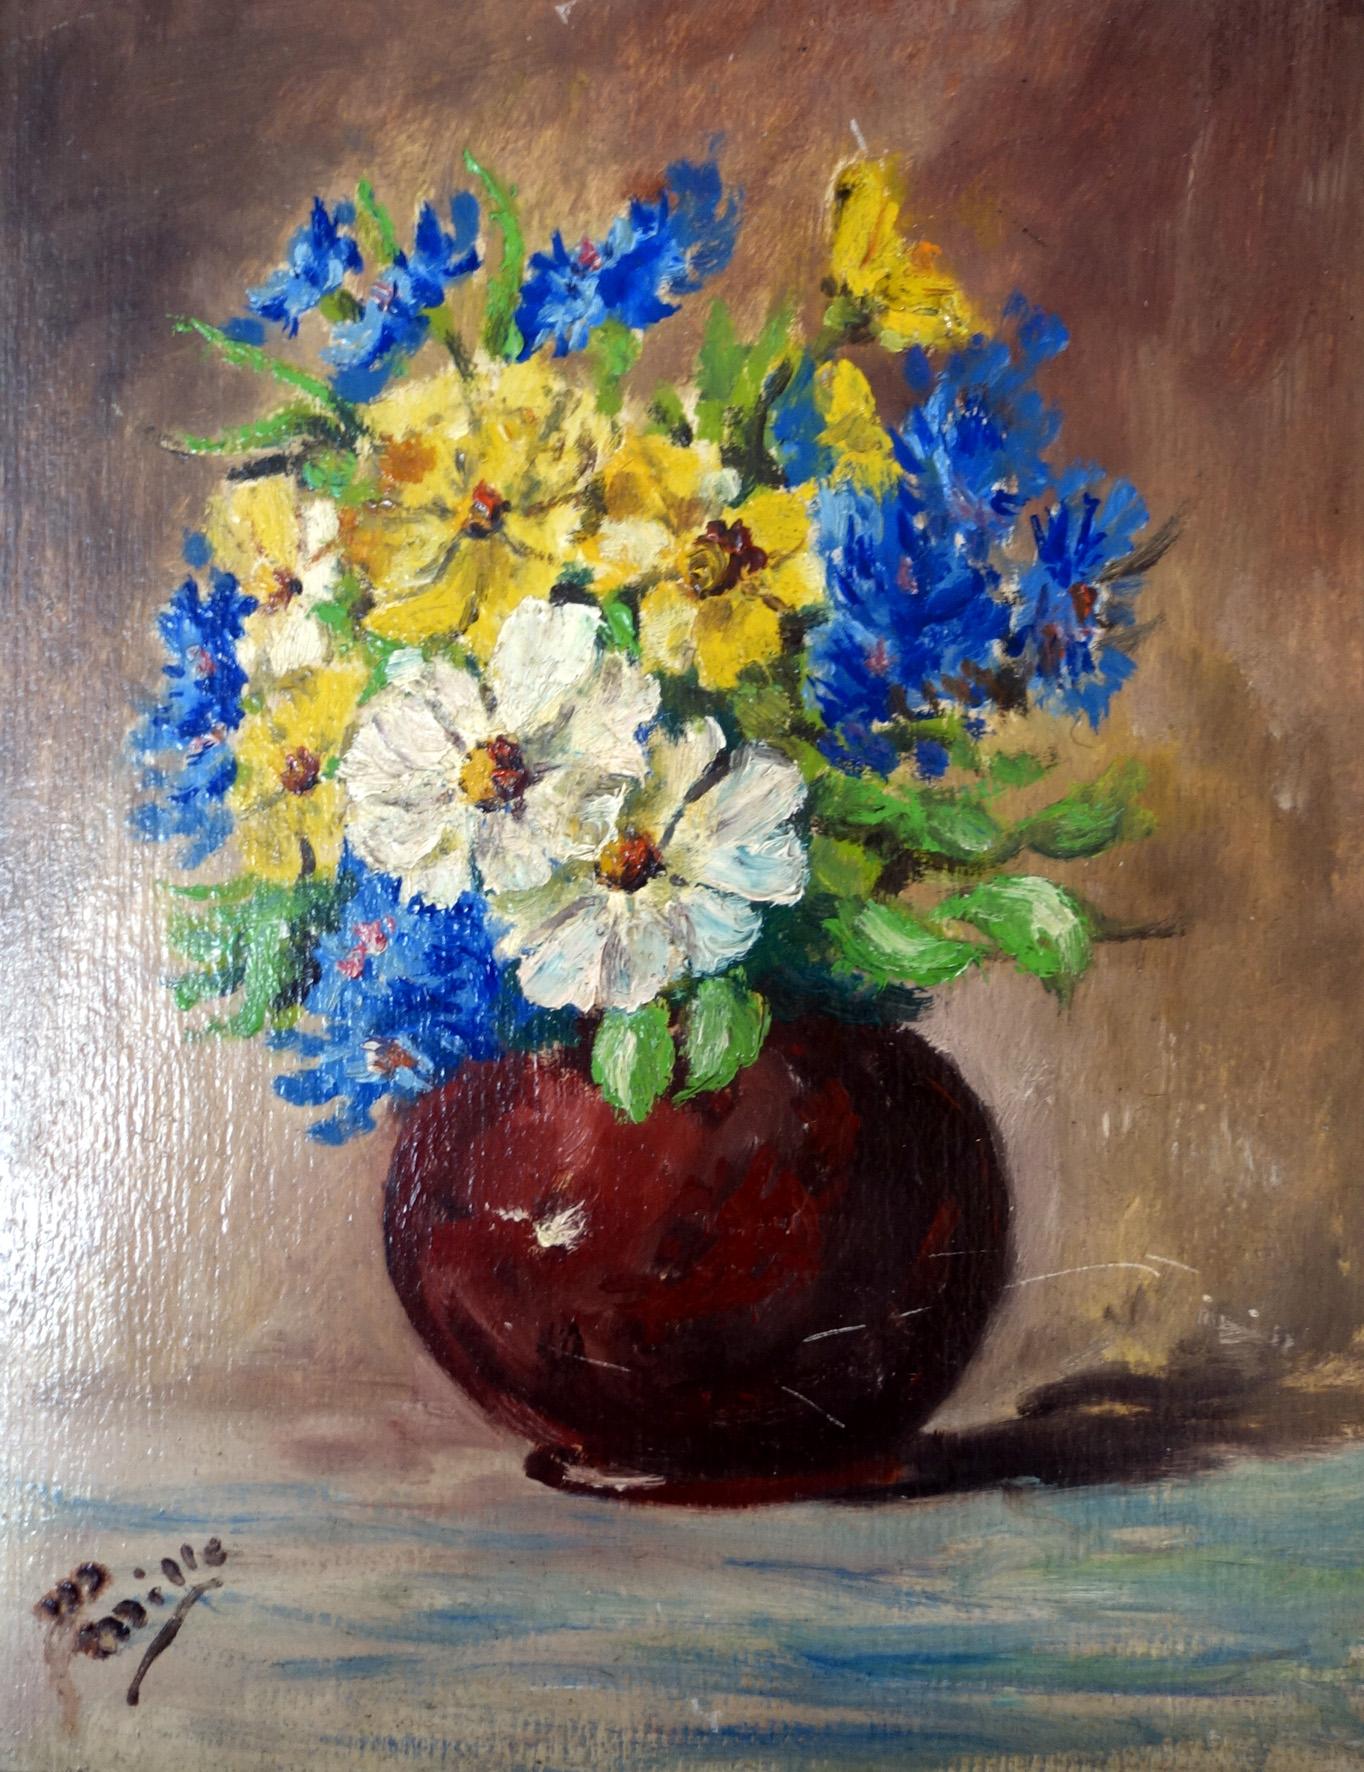 Artistes inconnus recherche d informations archives du blog le bouquet - Le bouquet de fleurs ...